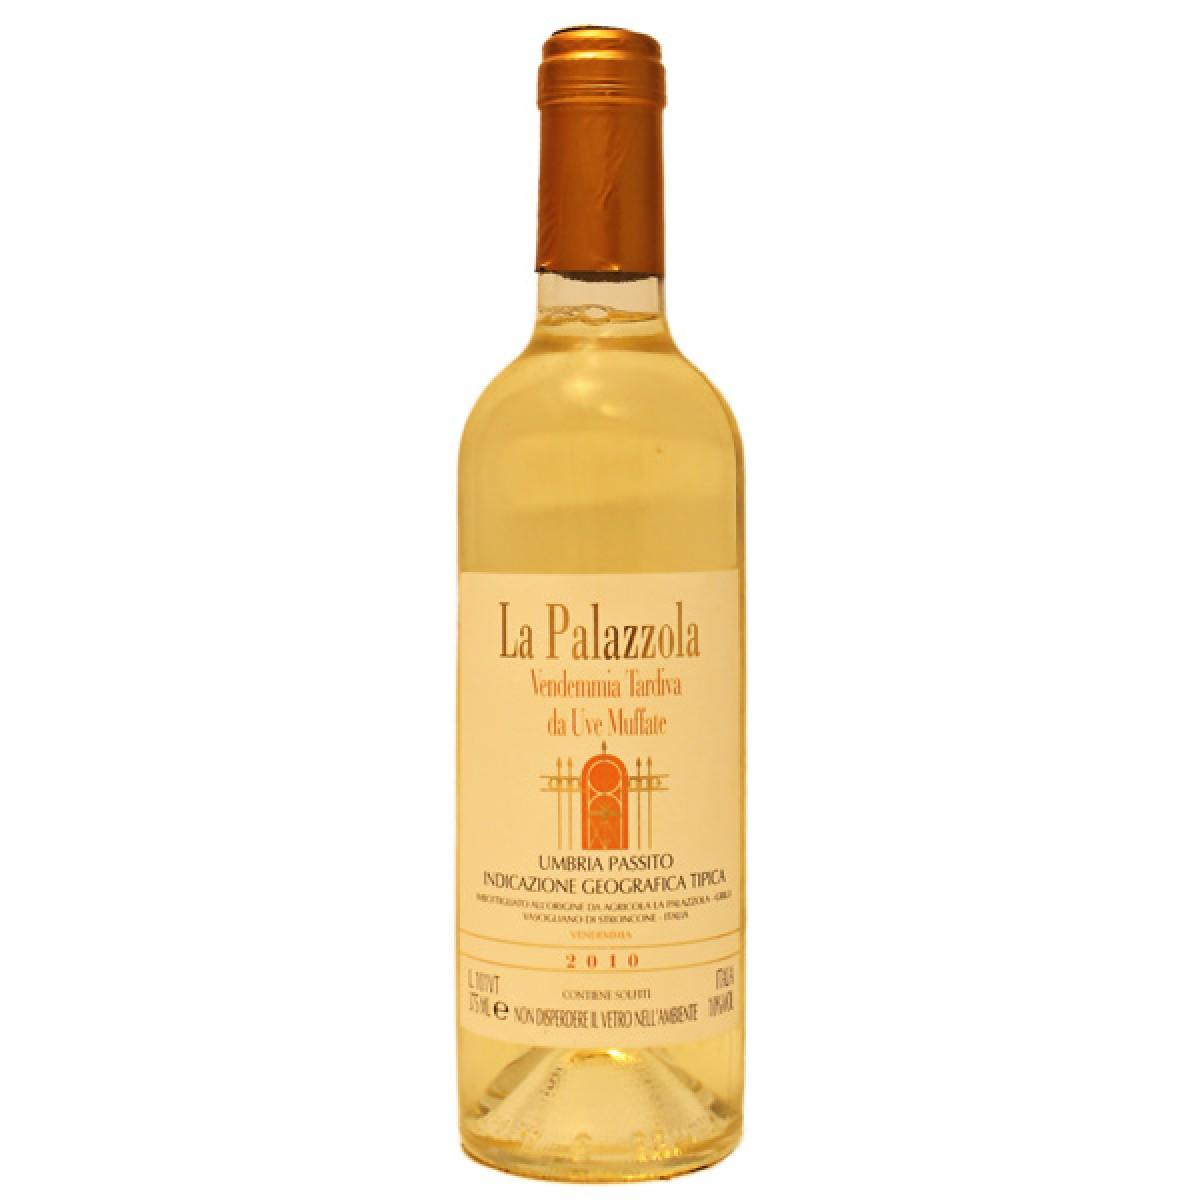 Vino rosso Vendemmia Tardiva da Uve Muffate Passito Umbria